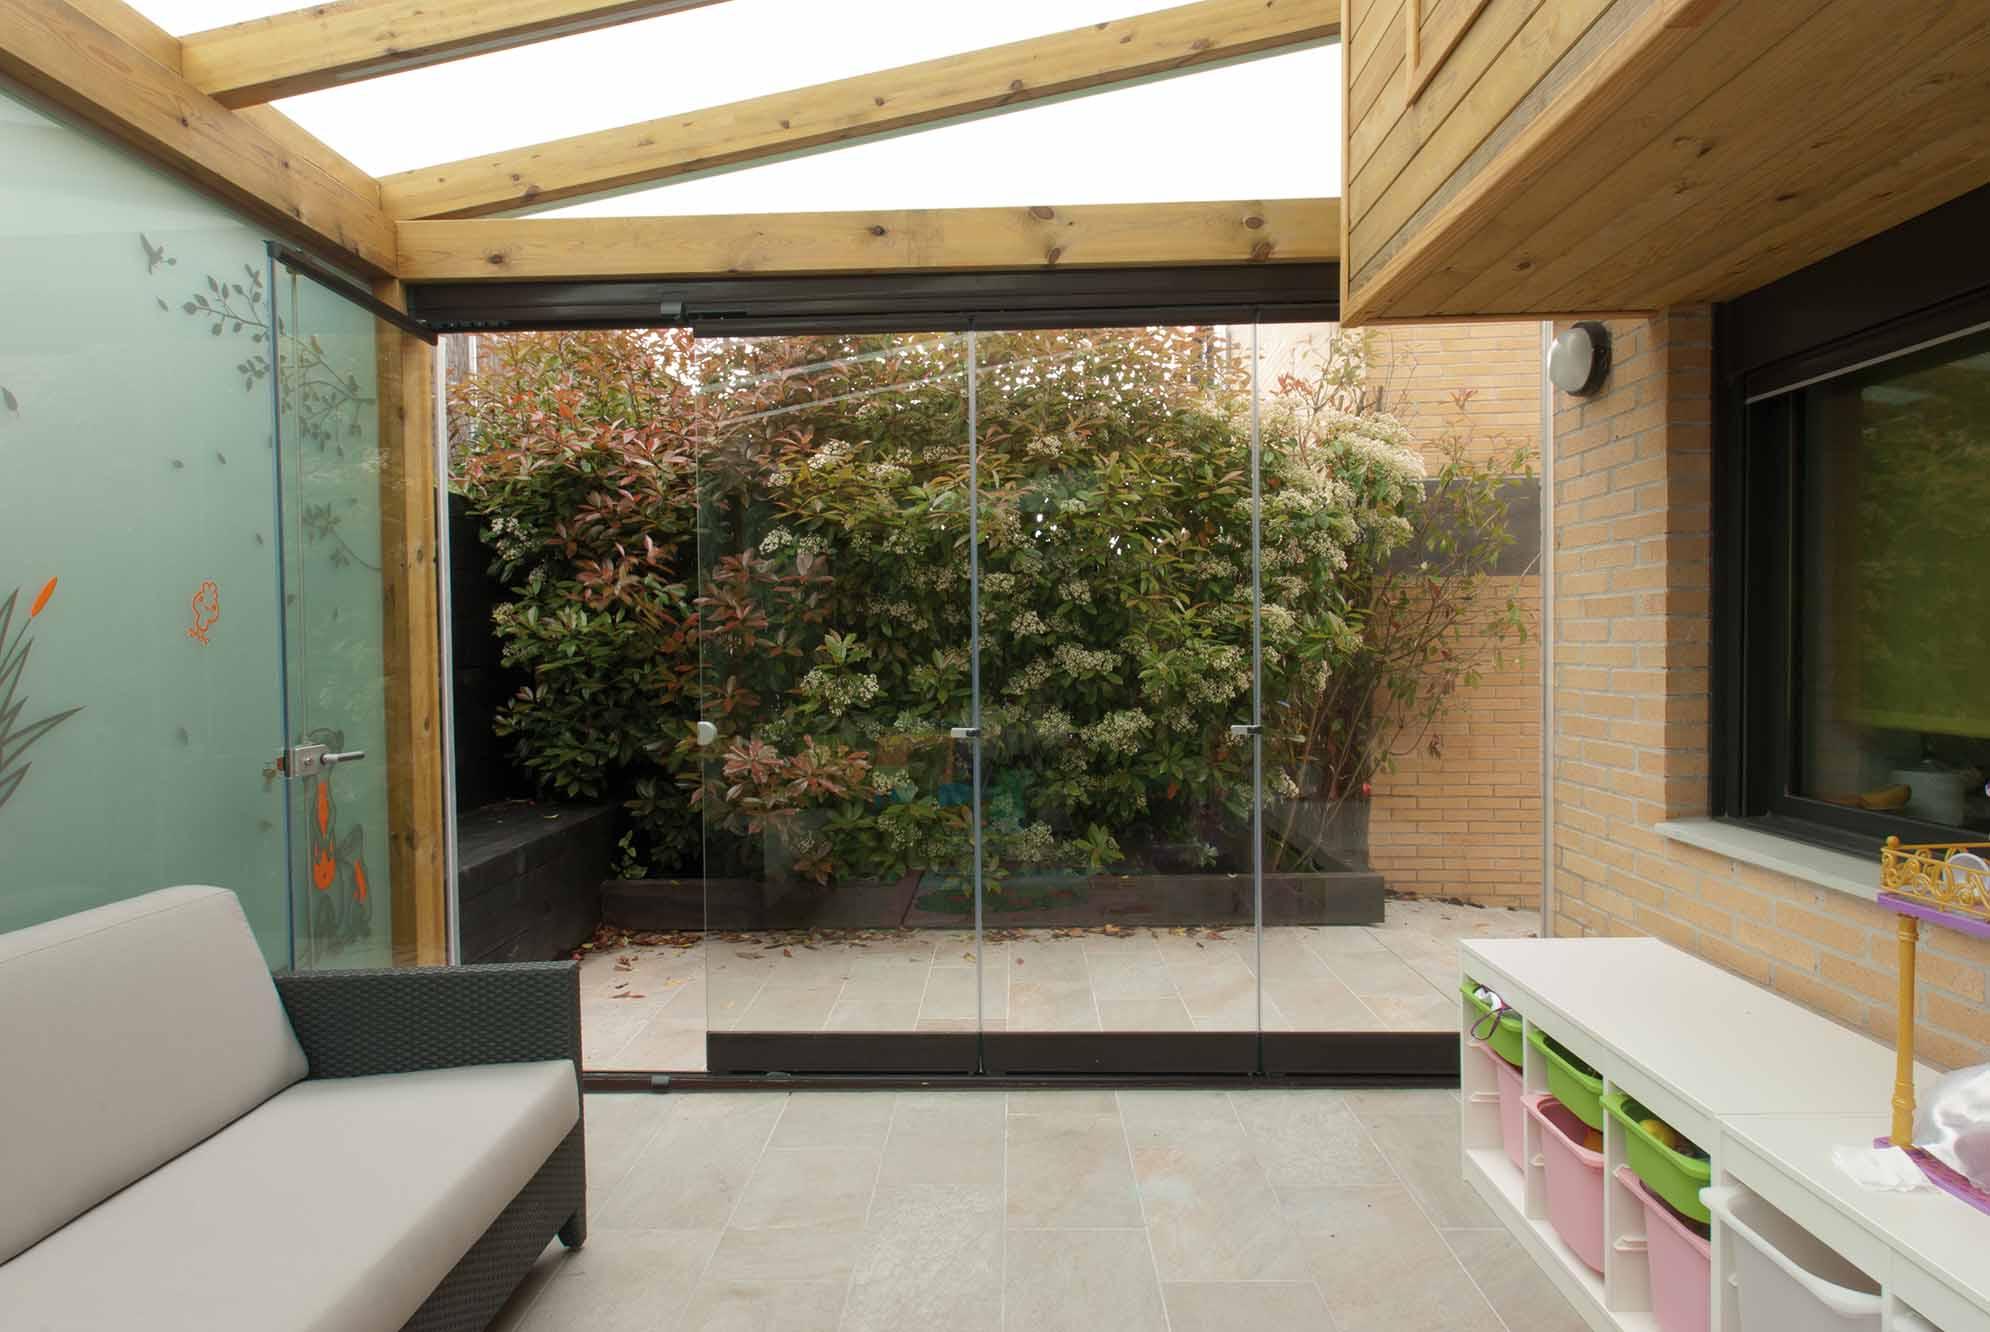 cerramientos-cristal-porches-jardines-aticos-3